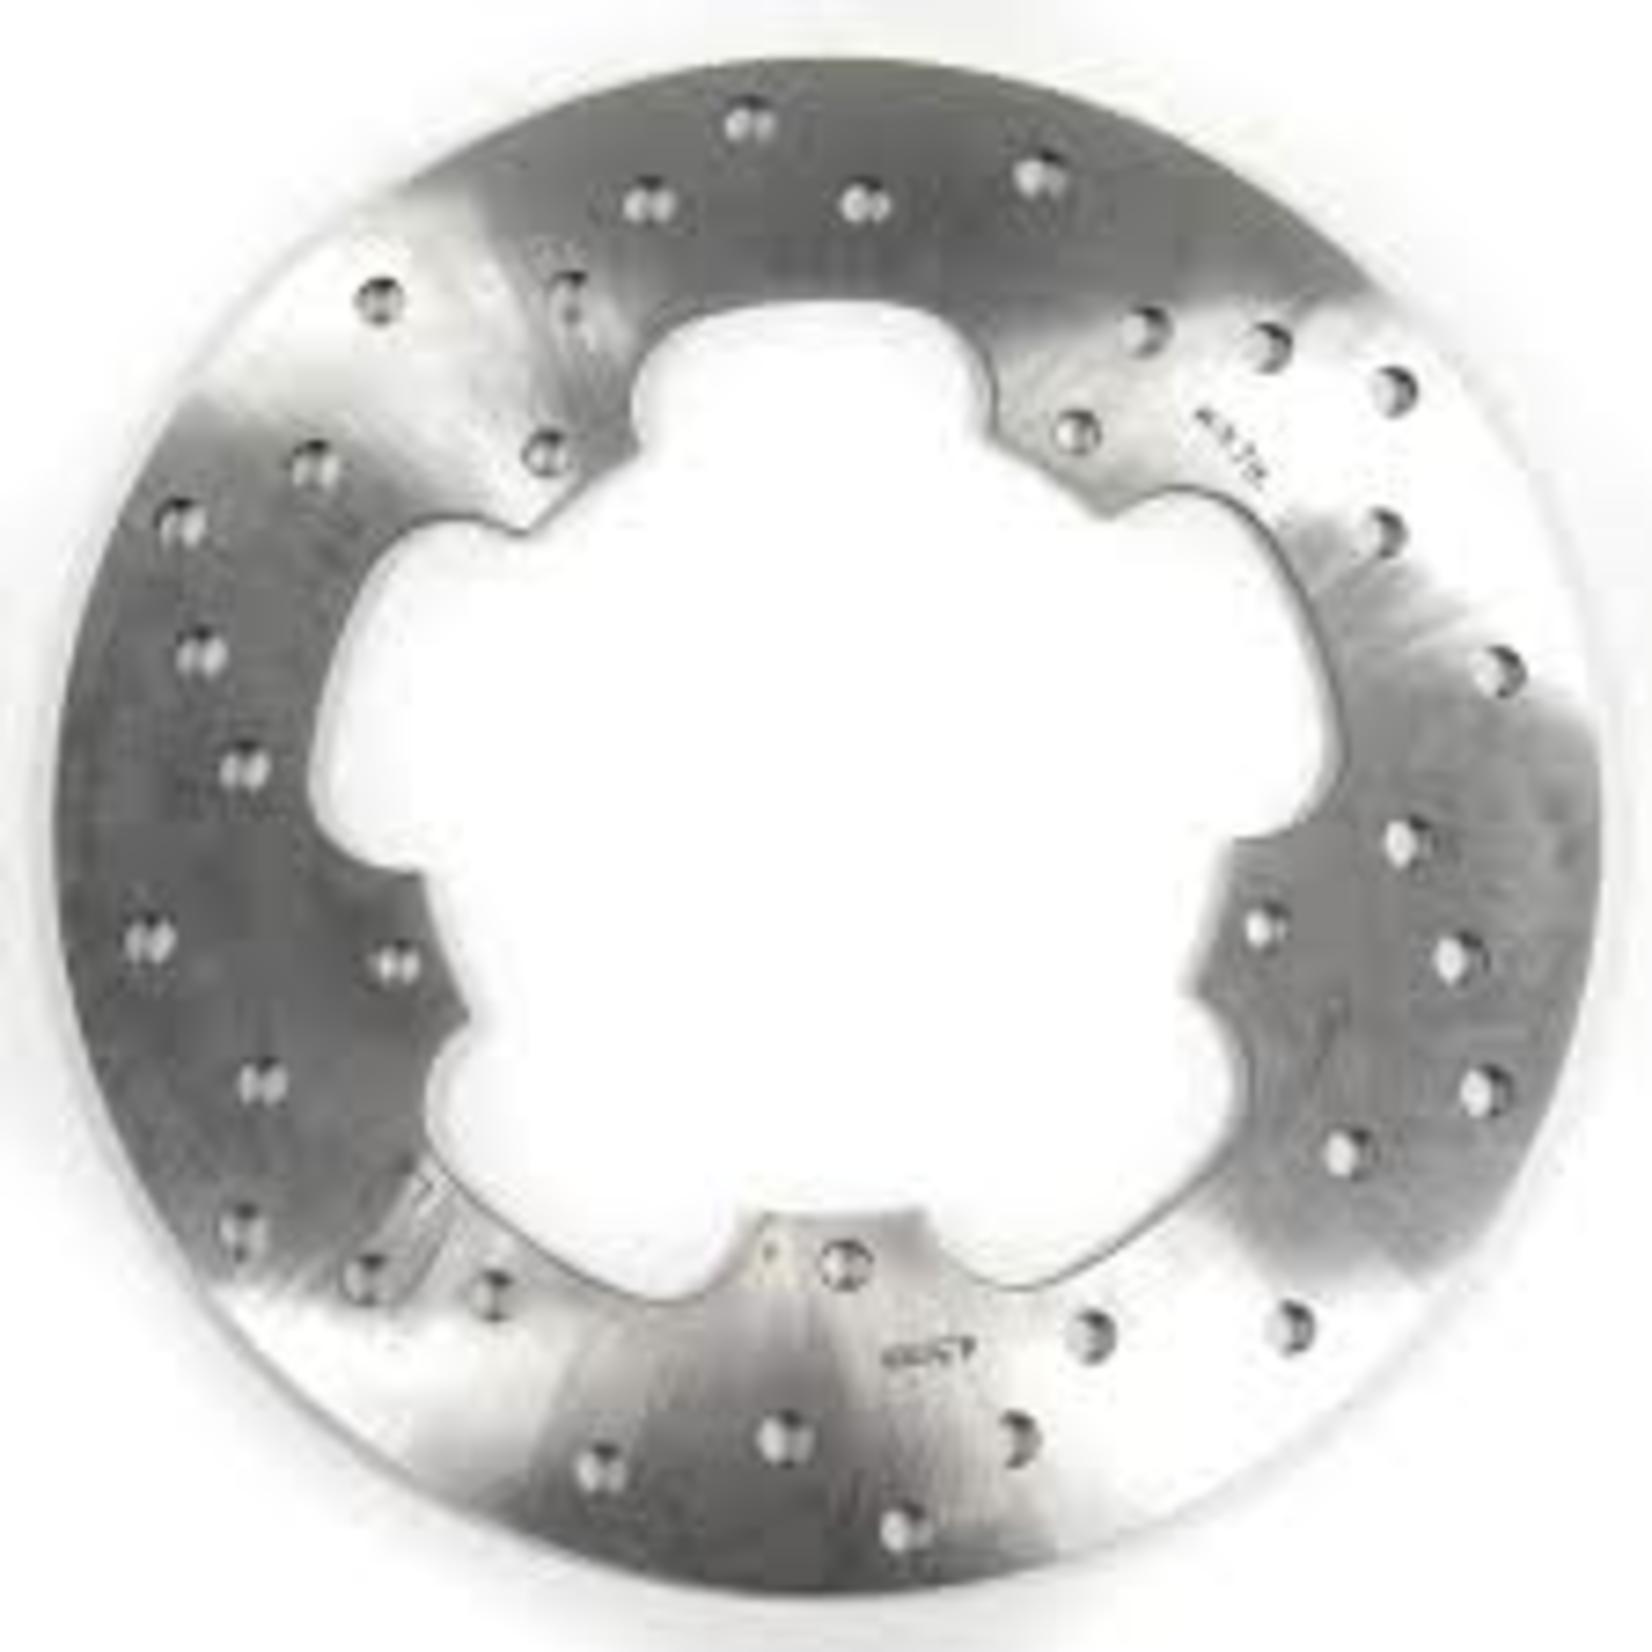 Parts Brake Rotor, MP3-250 / X9 / BV500 Rear